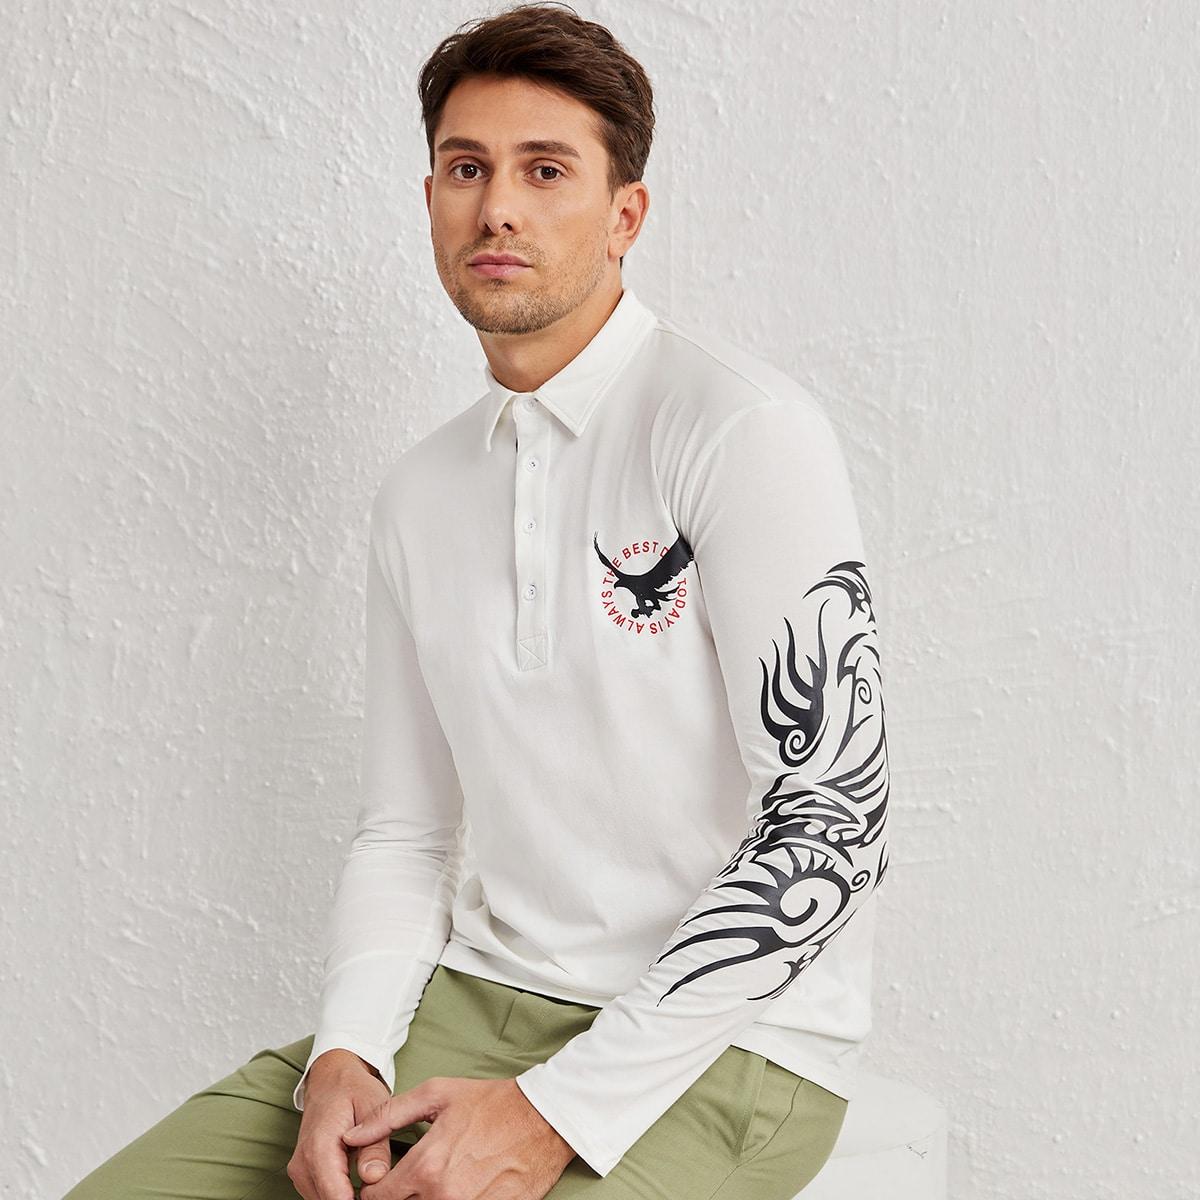 Пуговица животный институтский мужская рубашка-поло